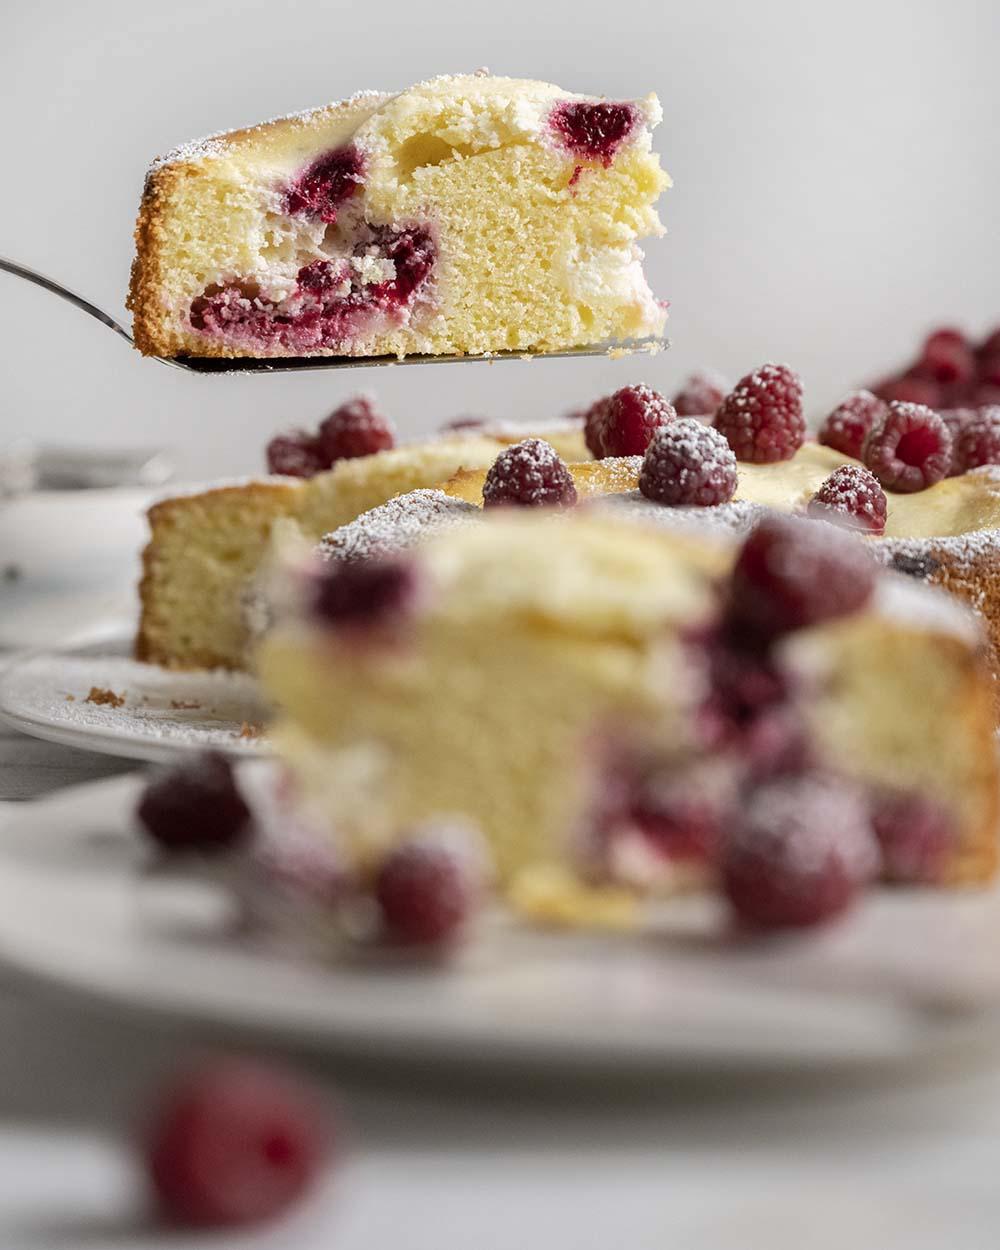 Mit dem Tortenheber heben wir ein Stück Himbeerkuchen aus dem ganzen Kuchen. Im Vordergrund ist bereits ein zweites Stück unscharf auf einem Teller zu erkennen.